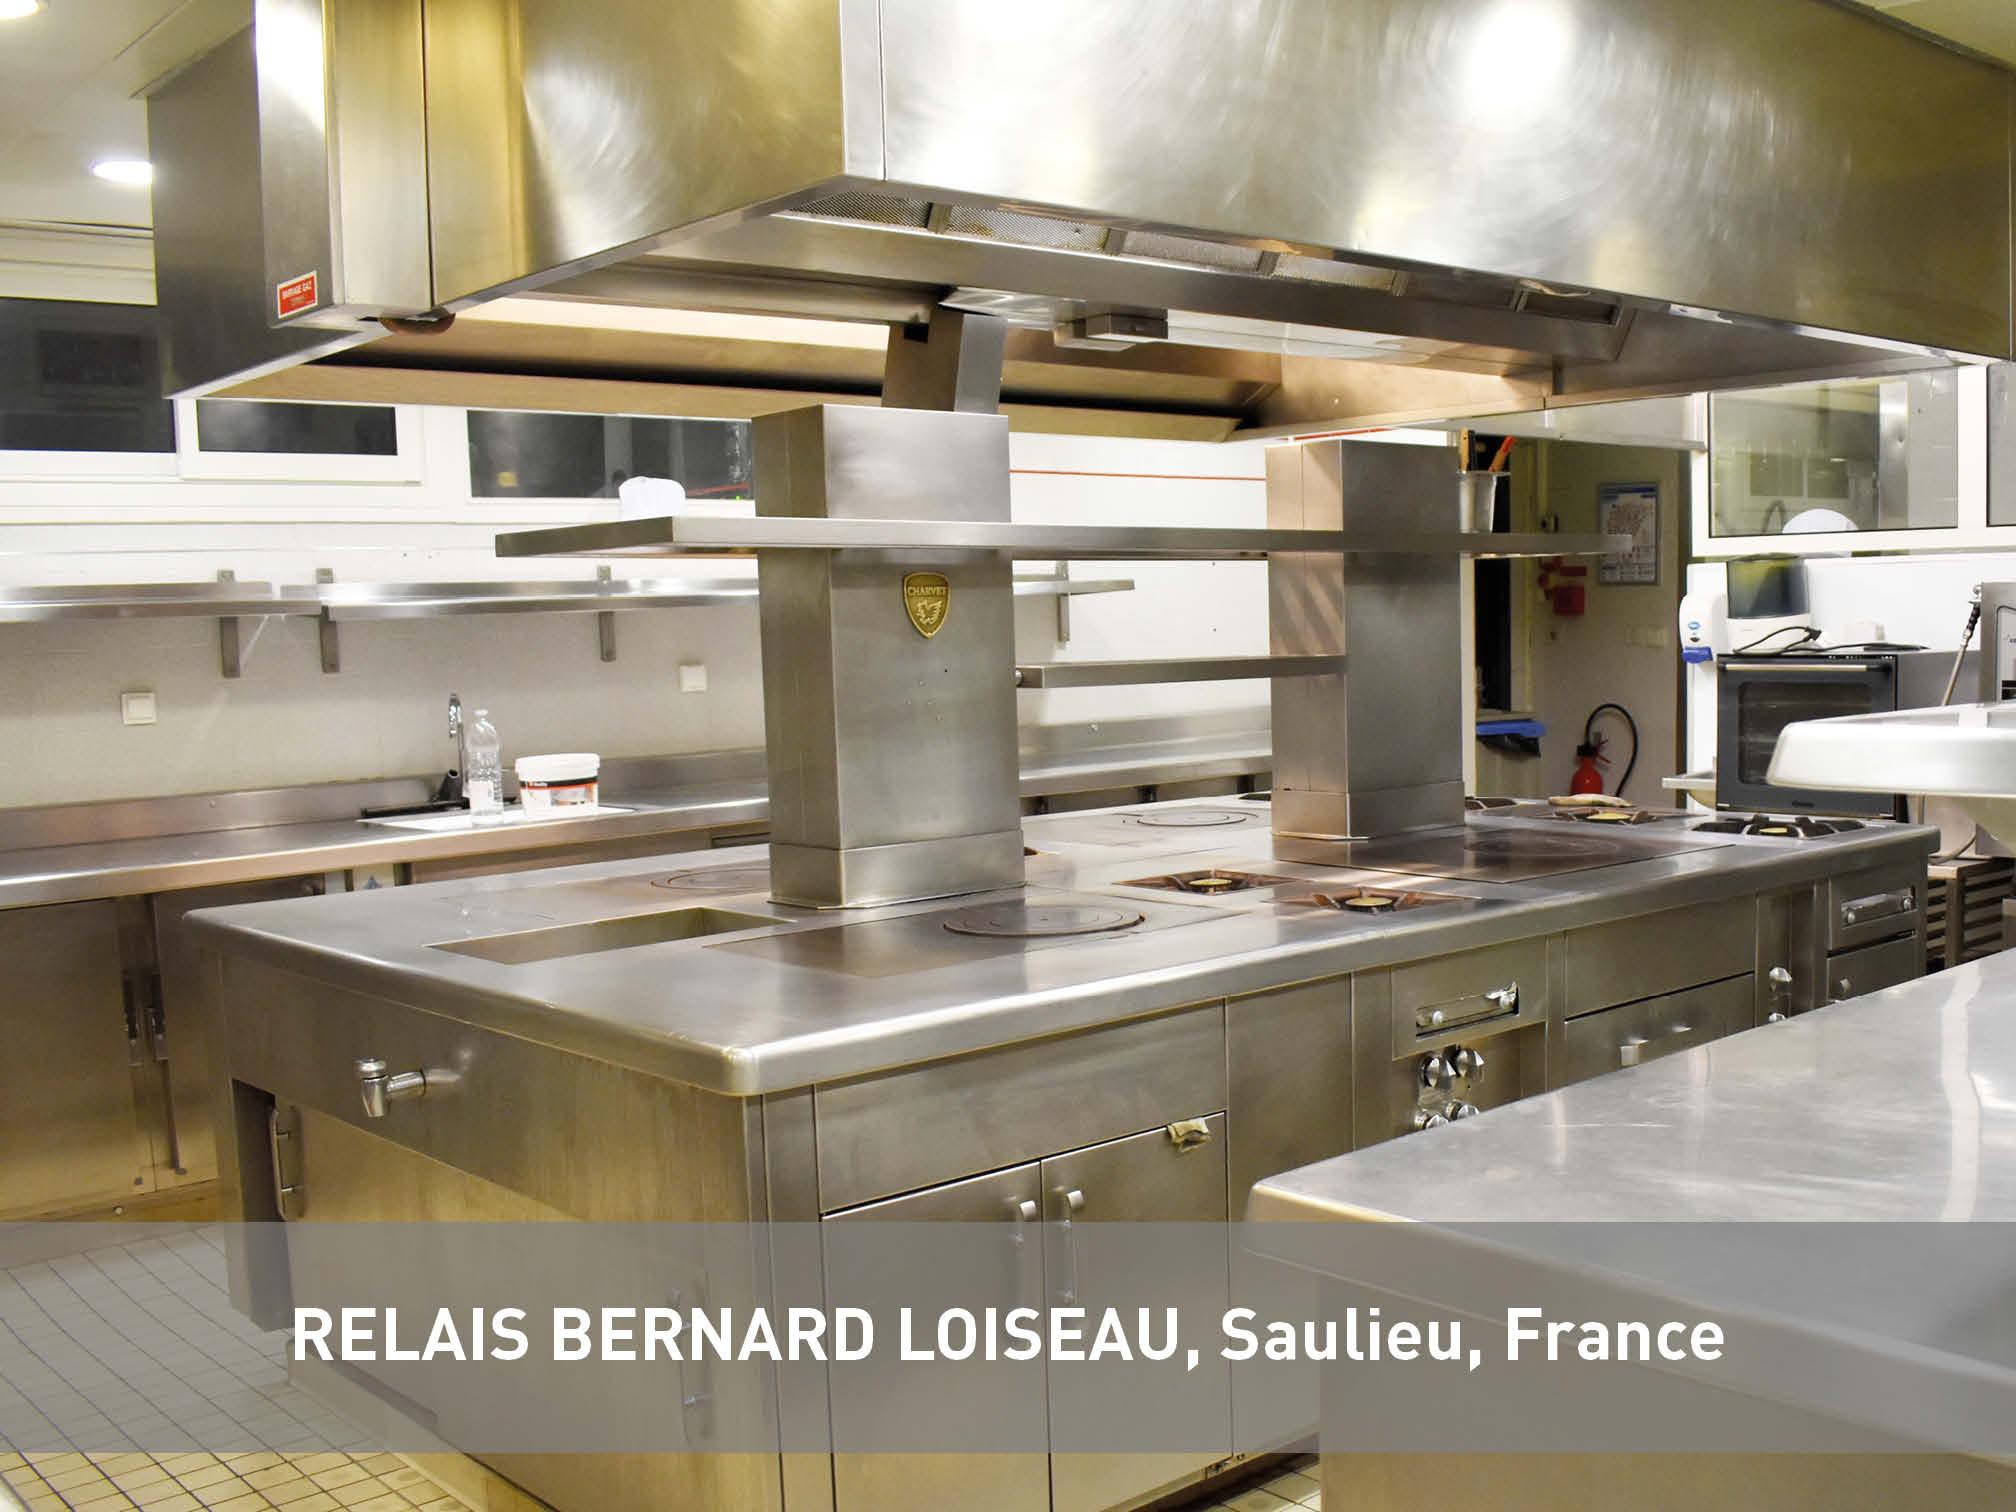 Bernard.Loiseau